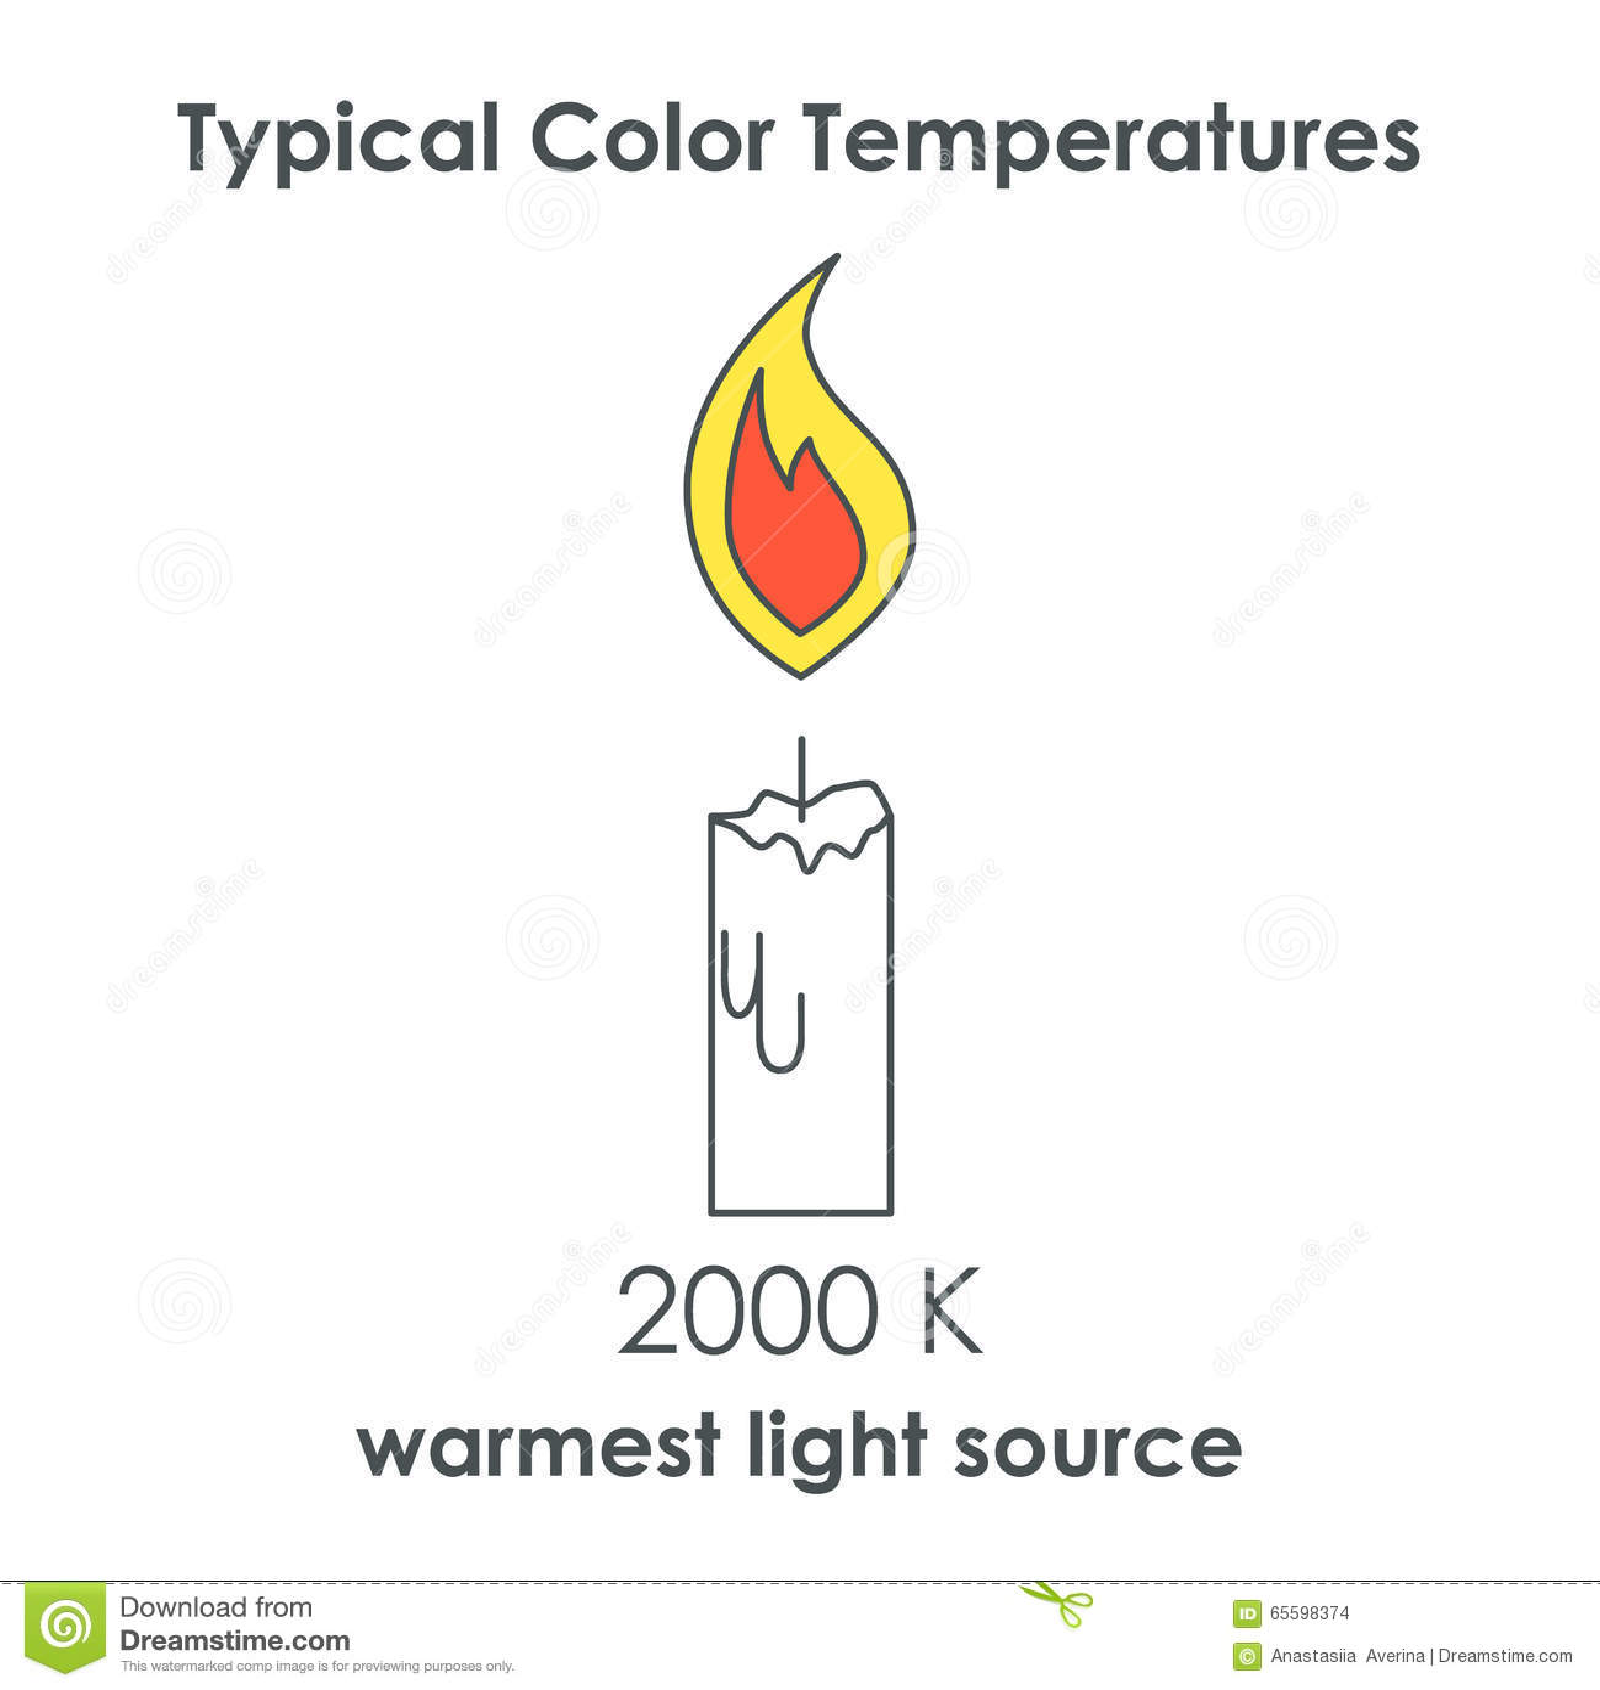 Il Colore Delle Candele.Il Colore Delle Candele Oostwand